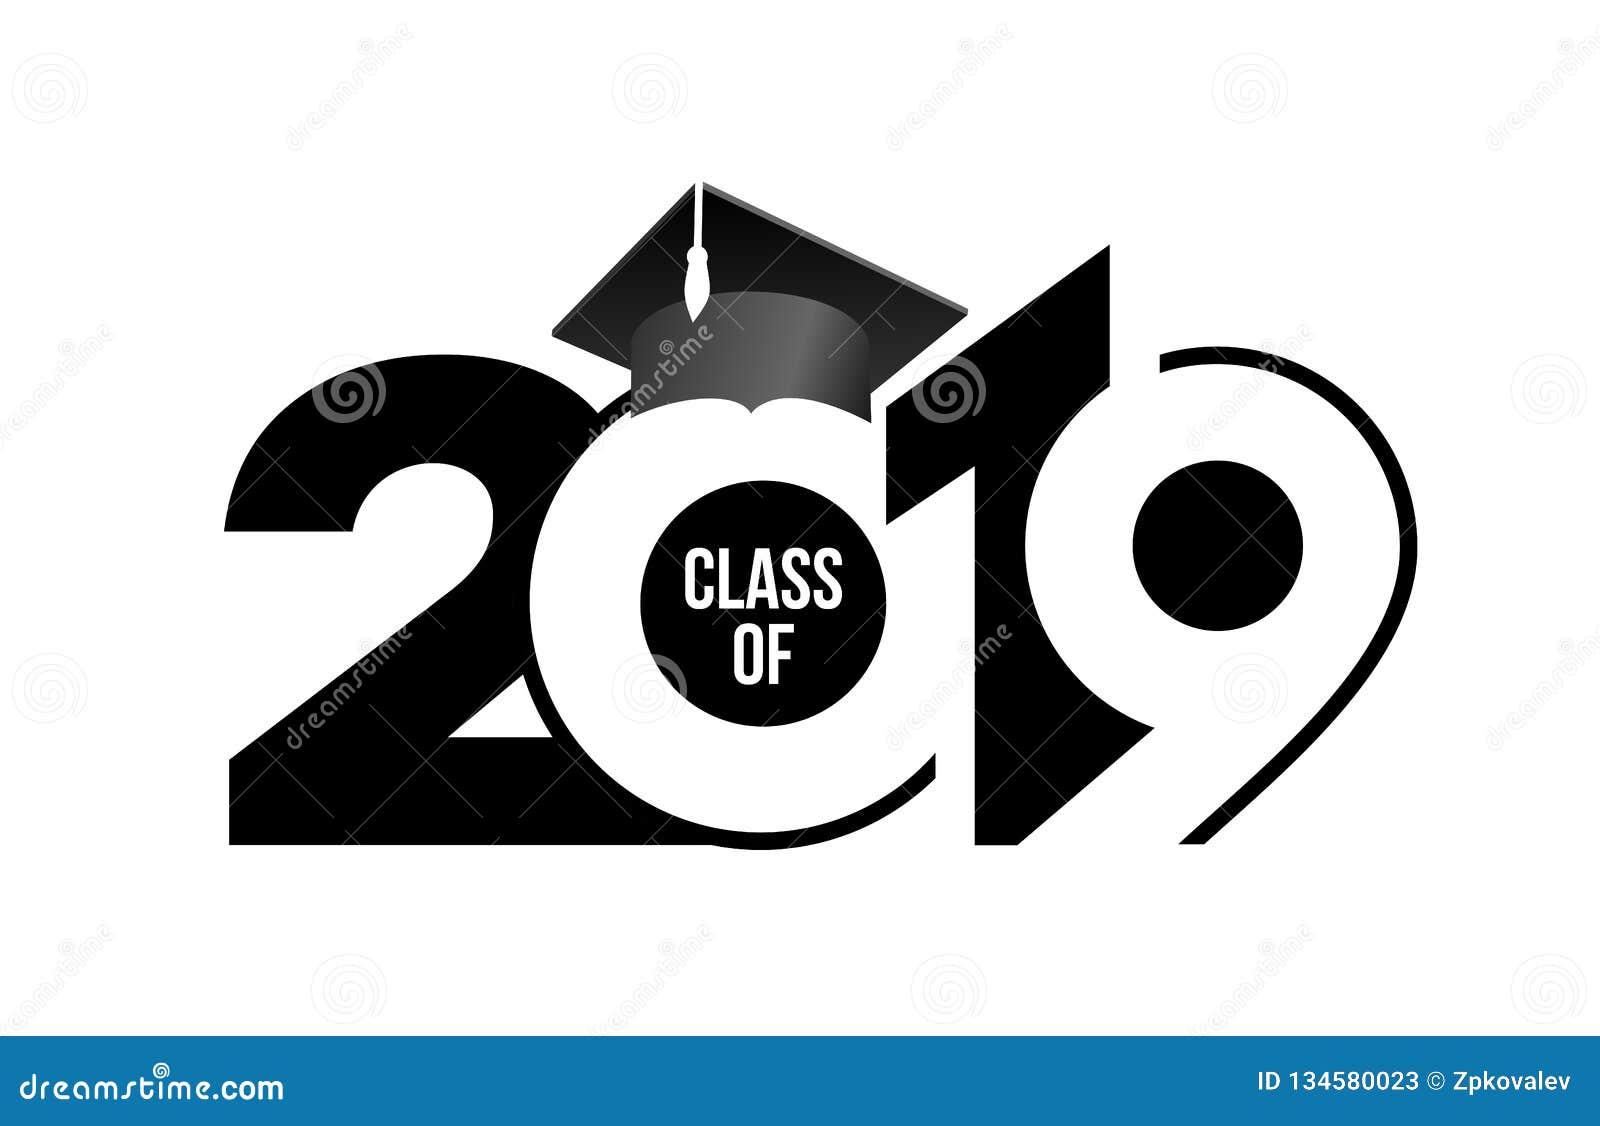 Una classe di 2019 con il cappuccio di graduazione Modello di progettazione del testo Illustrazione di vettore Isolato su priorit